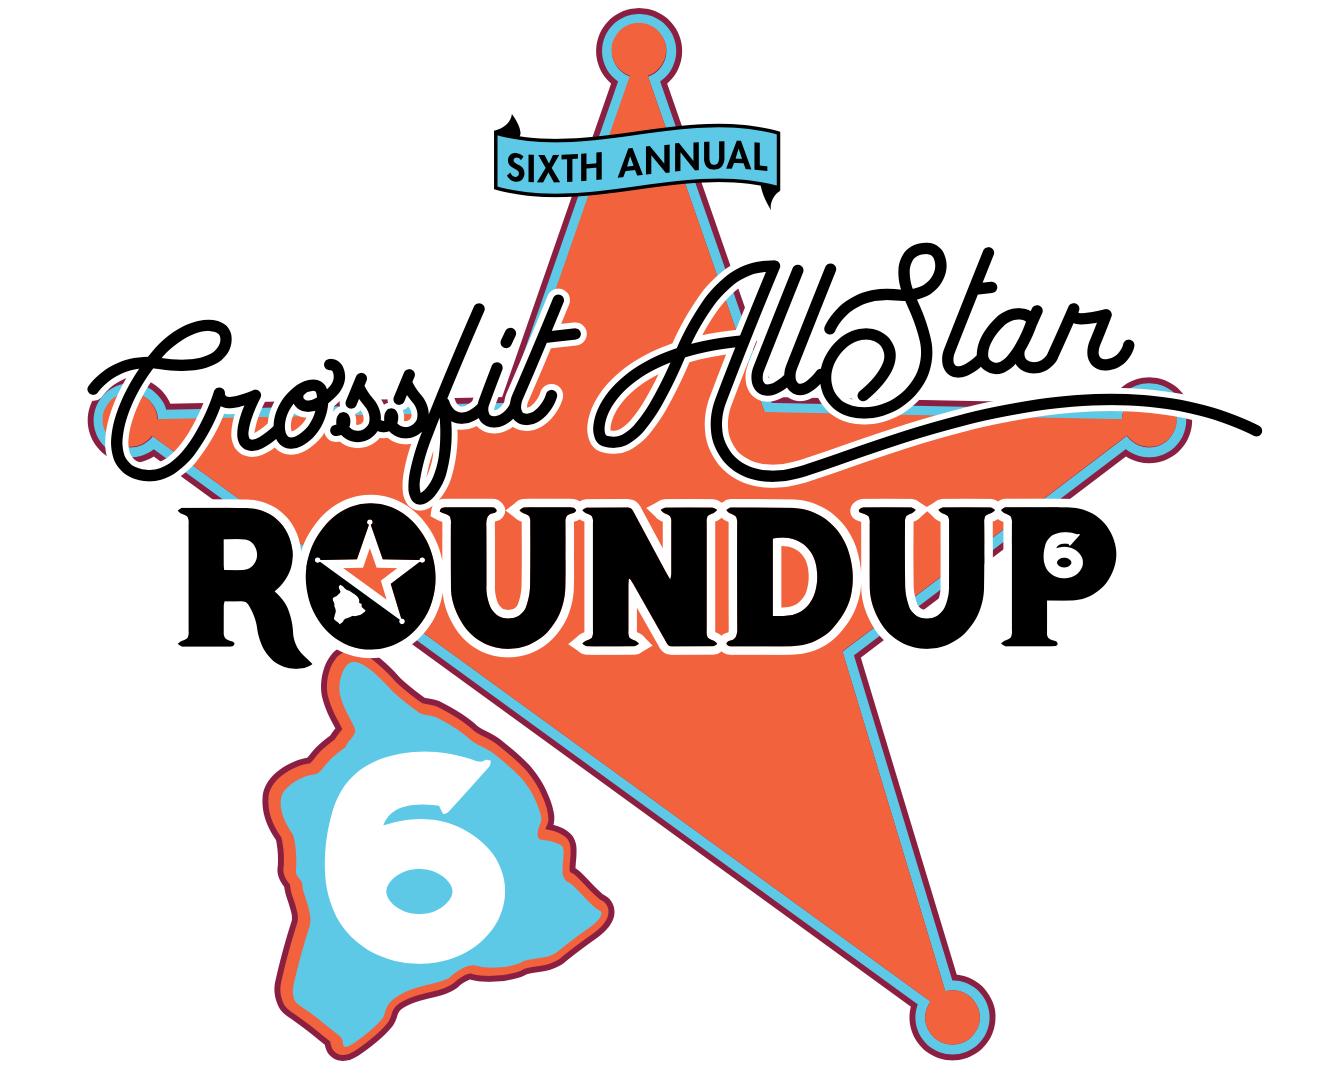 crossfit allstar round up 6 logo